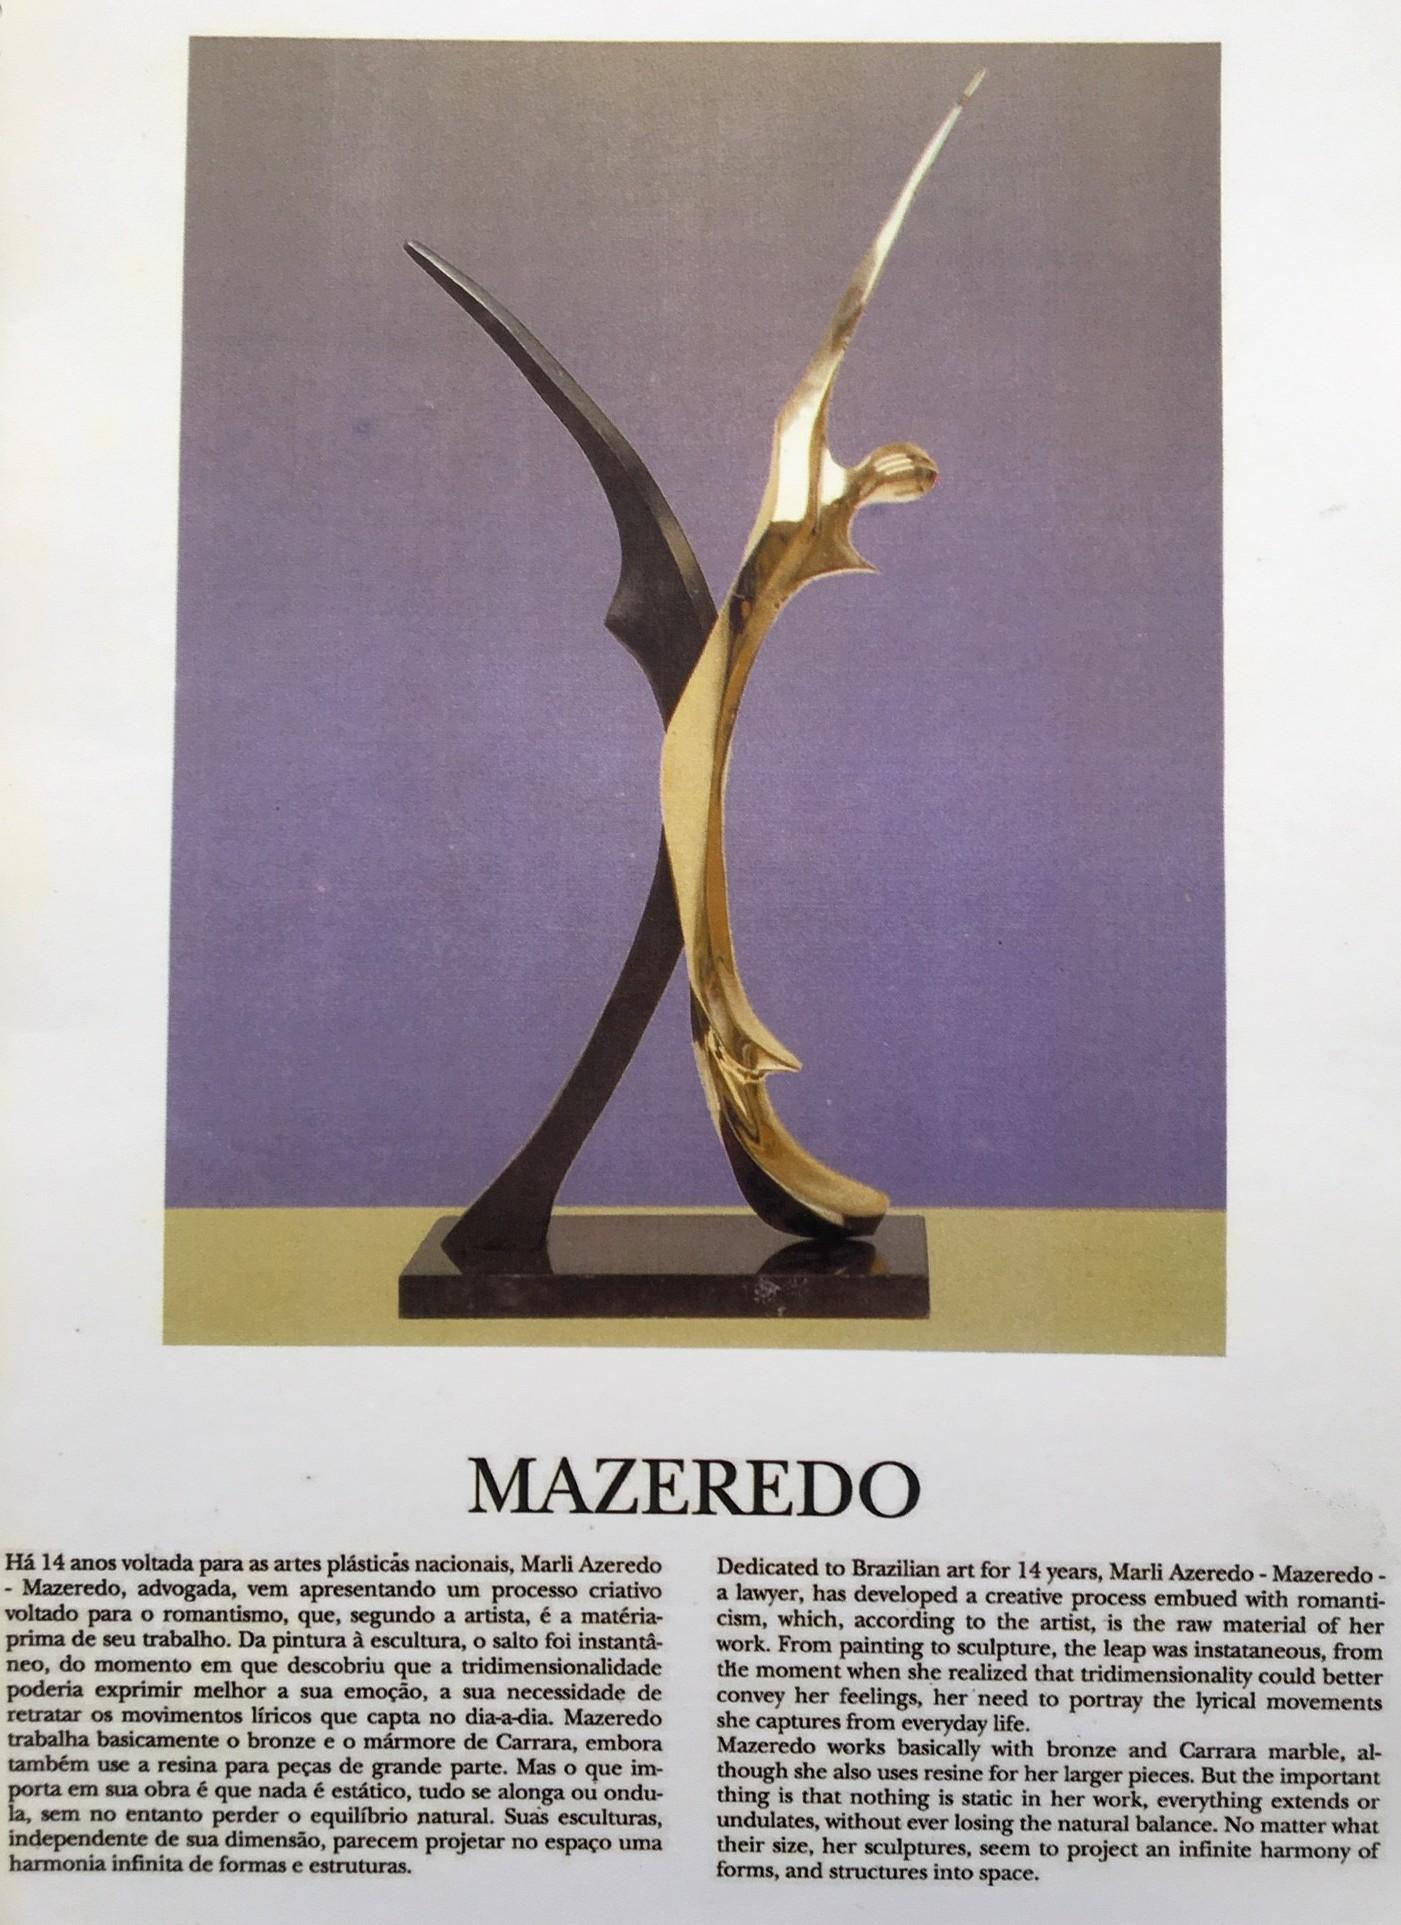 Revista Galeria / Gallery Magazine - 1991